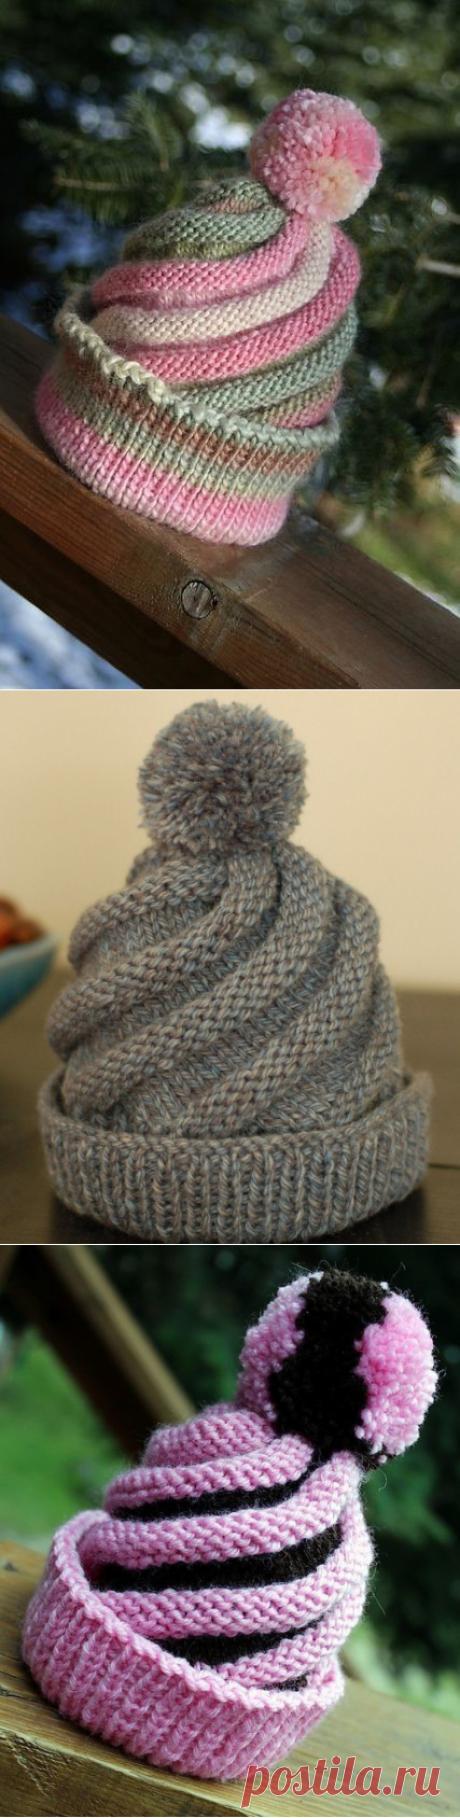 Вяжем объемную и красивую шапочку-спираль из категории Интересные идеи – Вязаные идеи, идеи для вязания